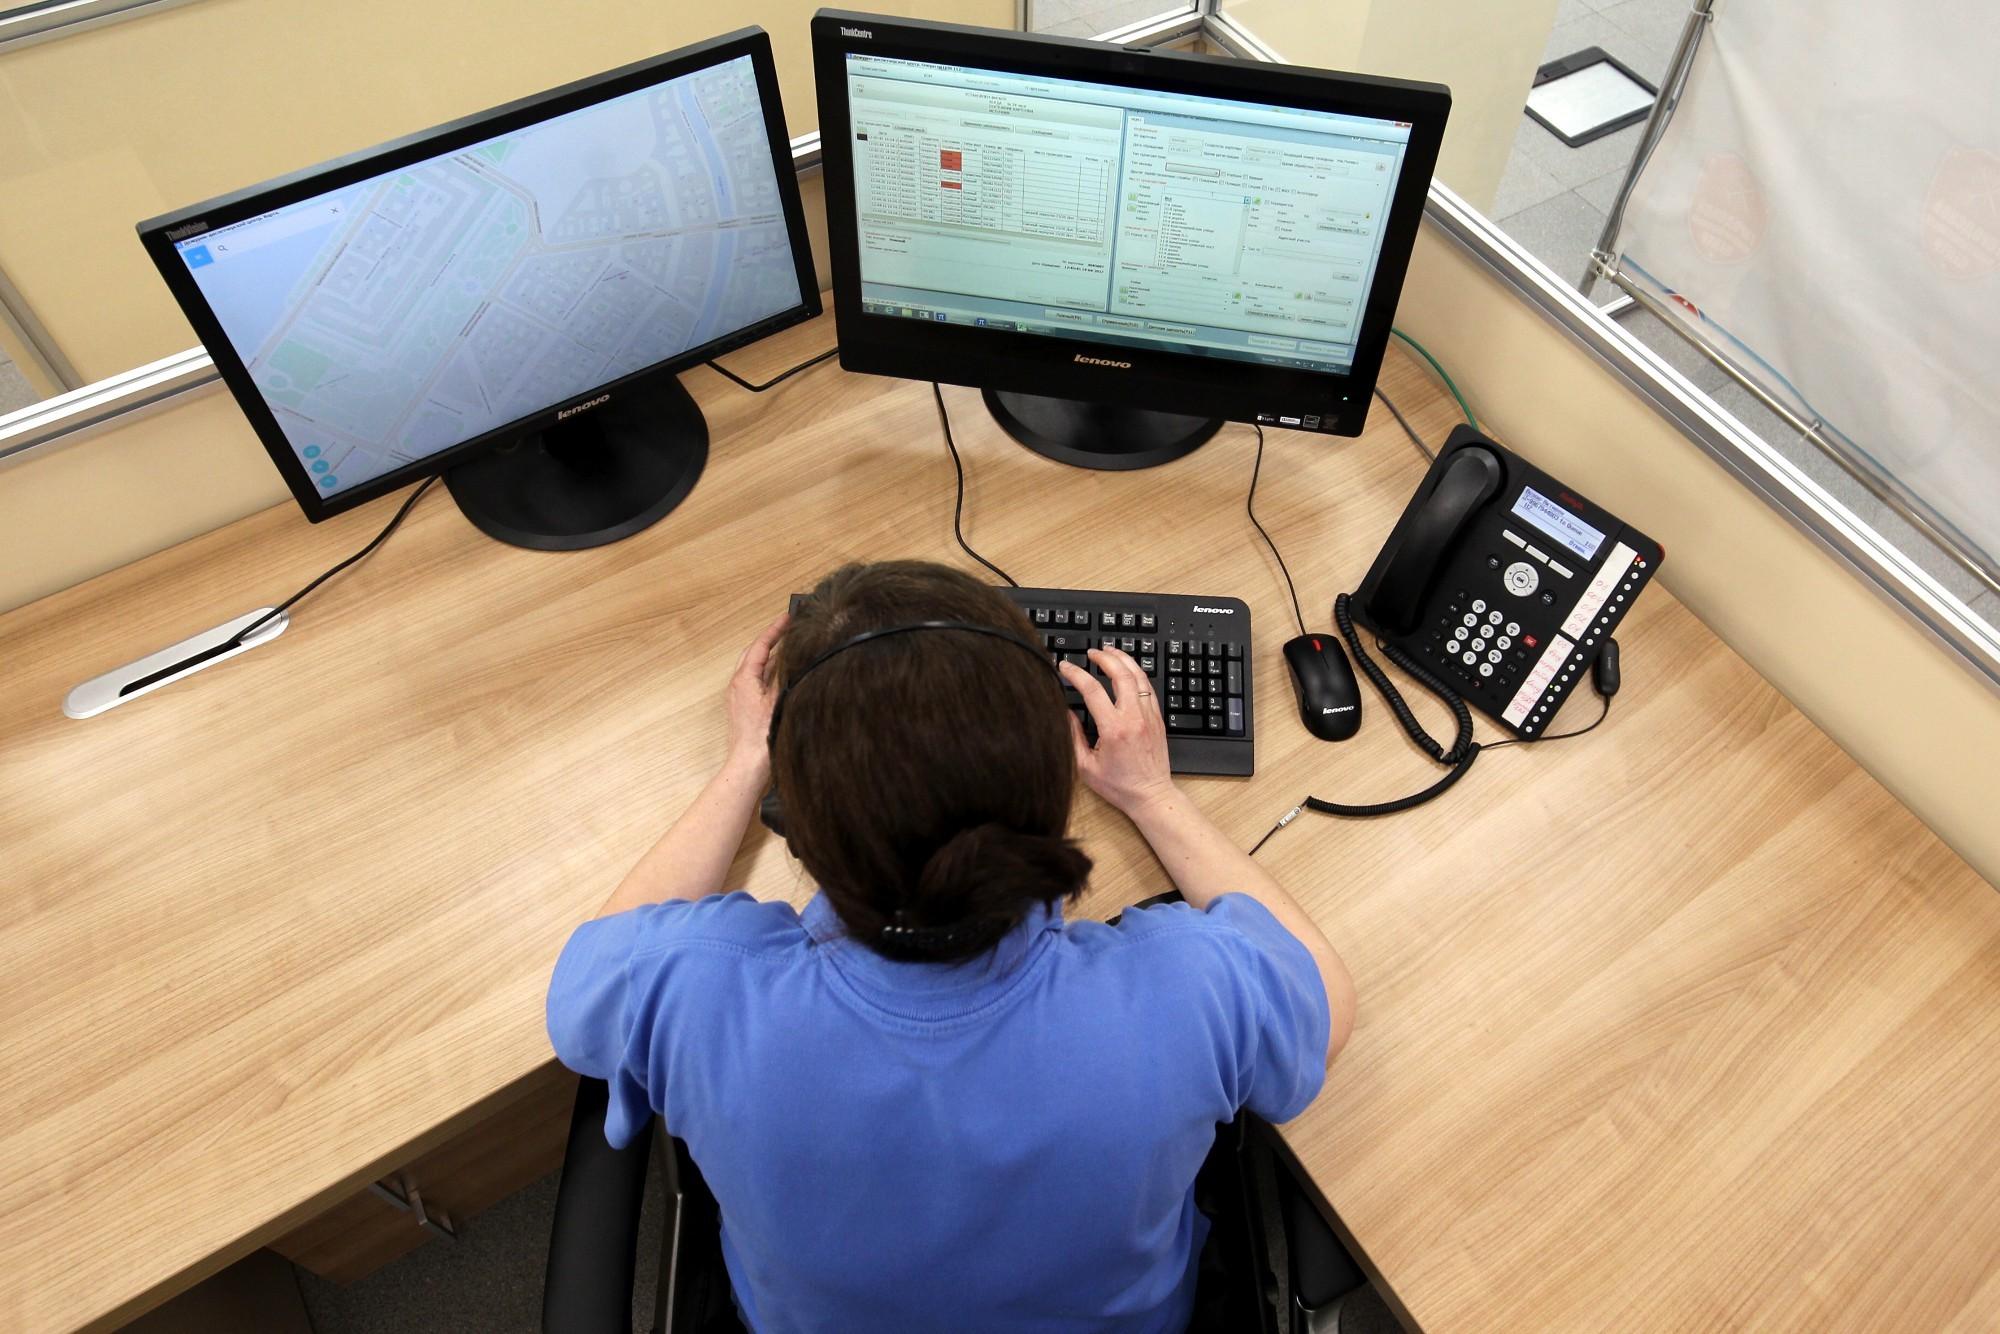 единый центр аппаратно-программного комплекса Безопасный город